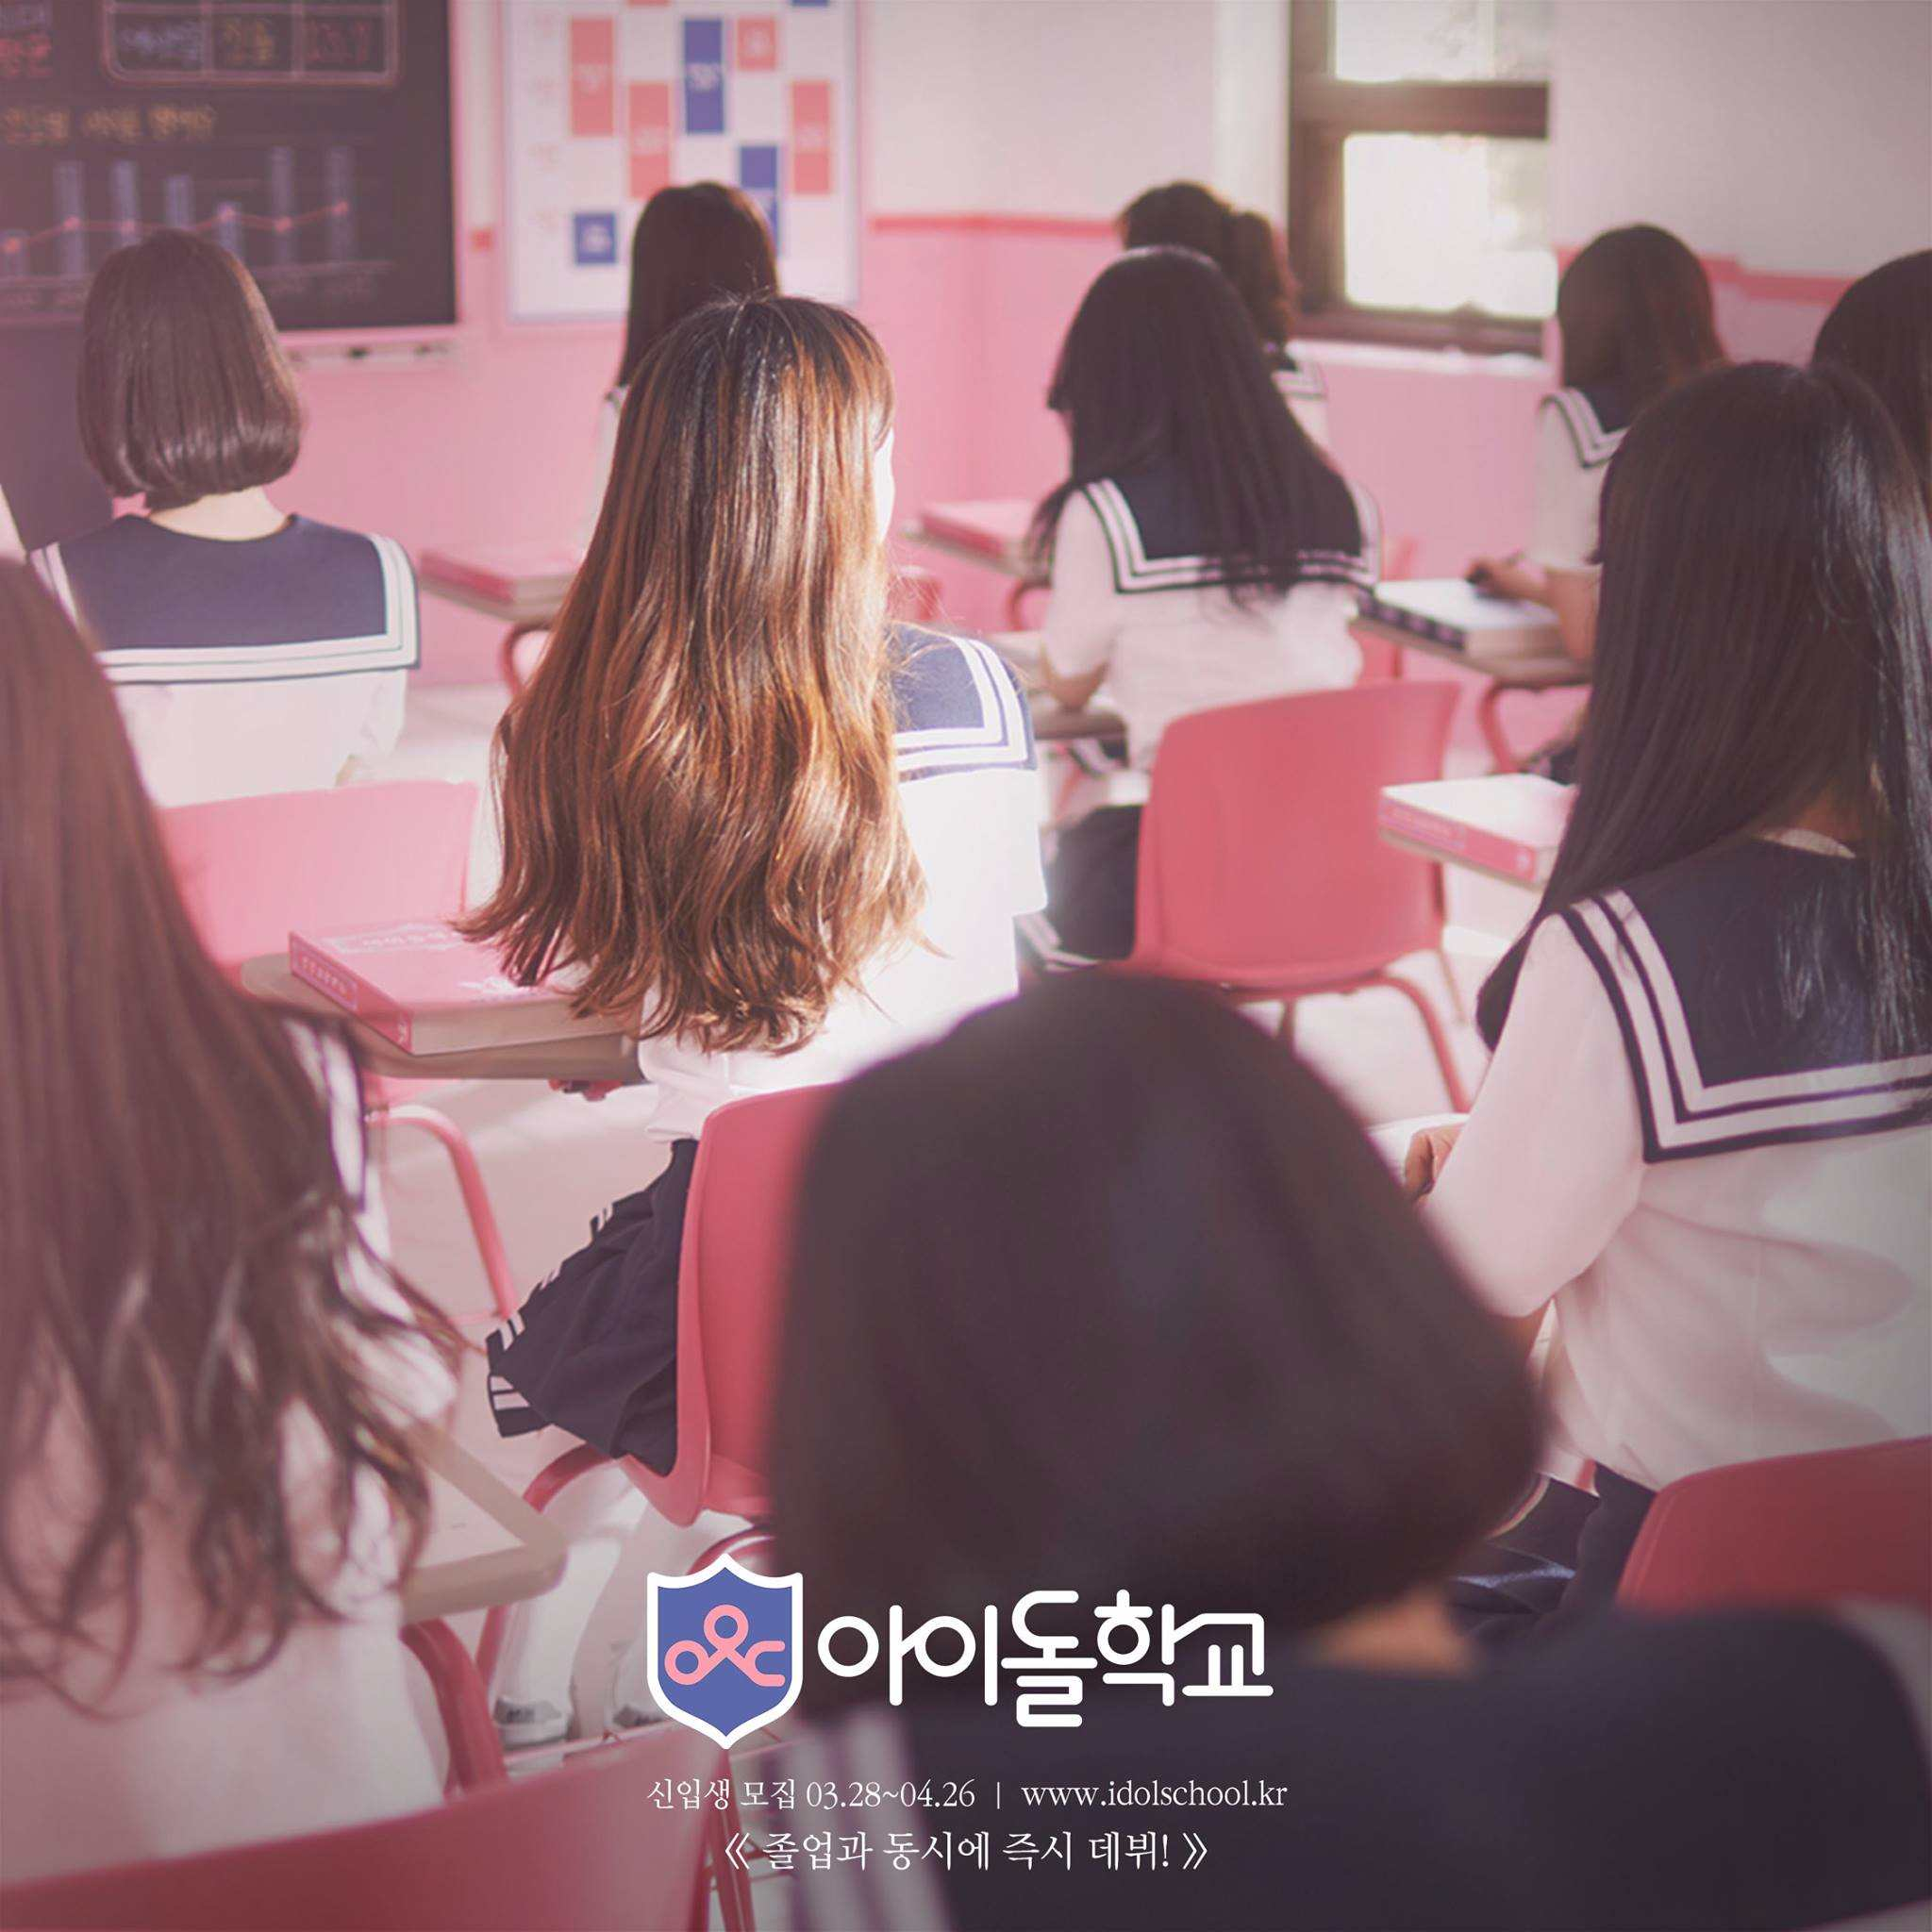 《偶像學校》將於2017年7月13日開播,粉絲們準備好要追了嗎?